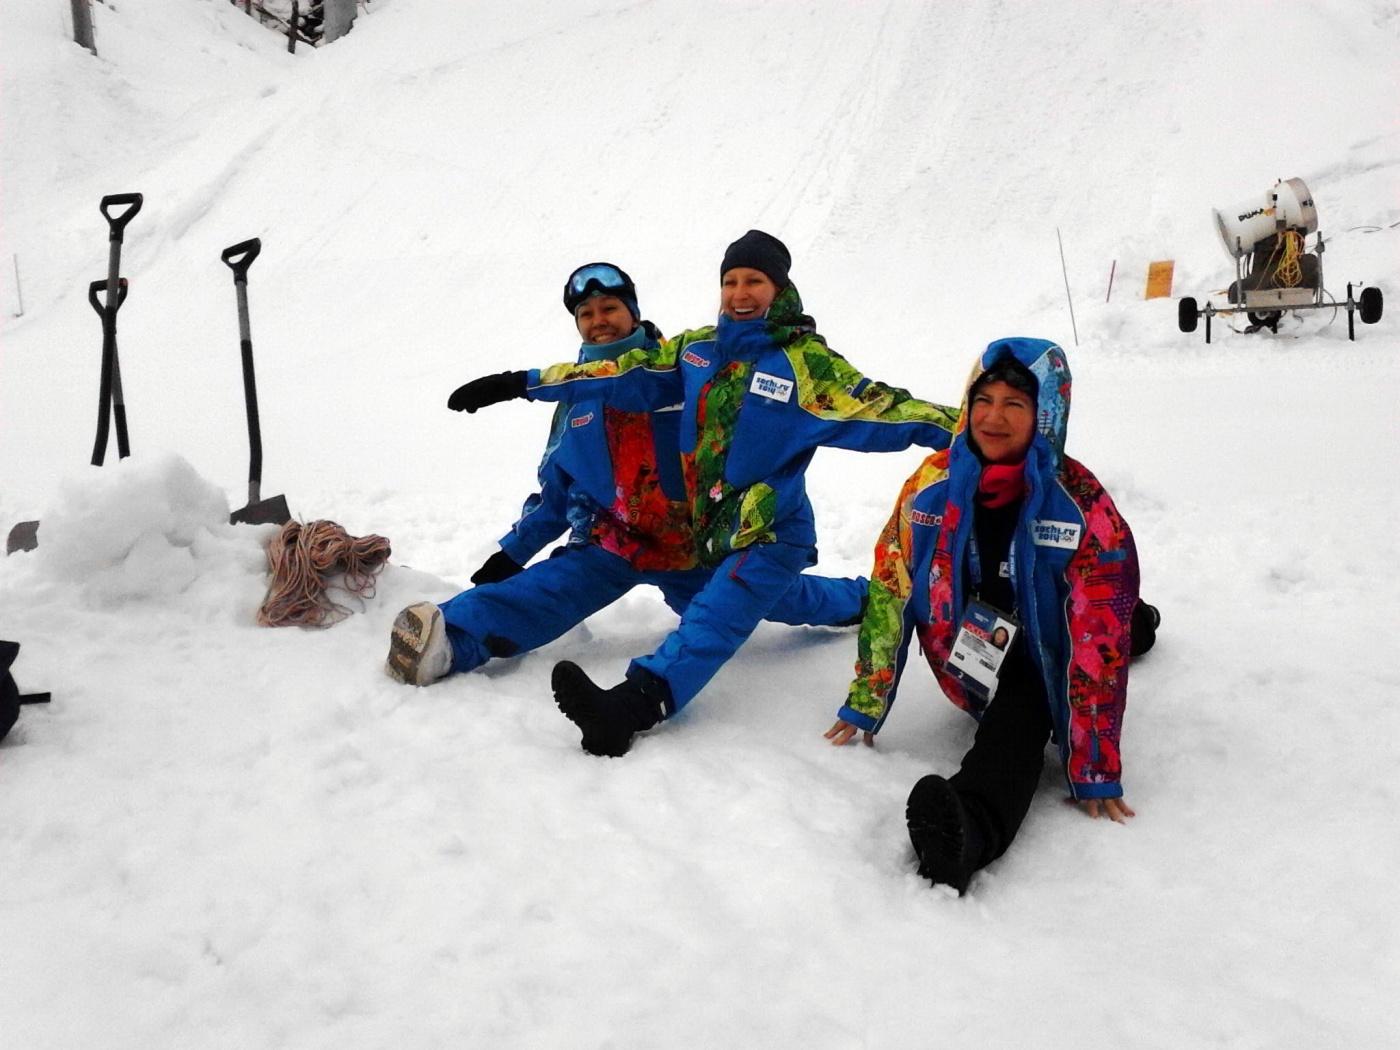 26-01-2014 . Аля справа - возраст более 60, кандидат в мастера спорта по альпинизму. Каждое лето в горах. По профессии пианистка